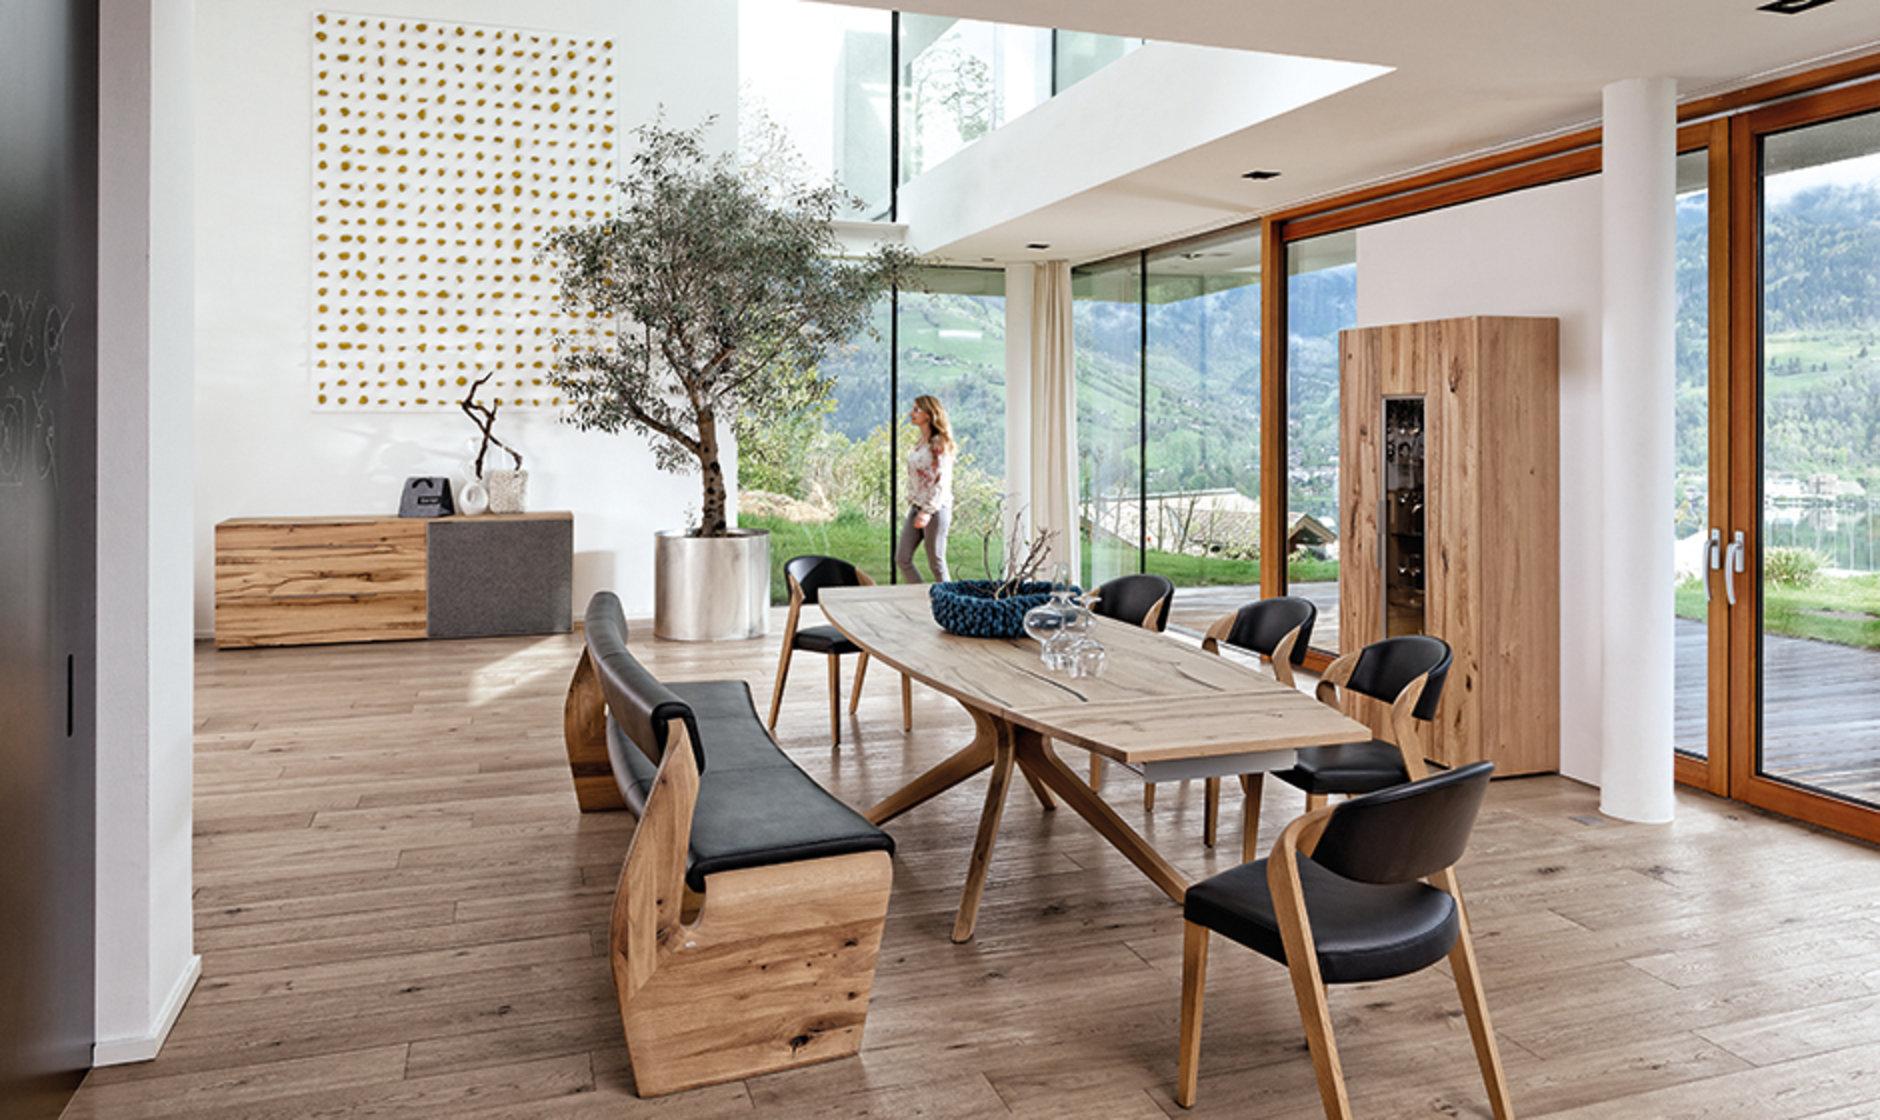 Esszimmerstuhl aus Holz und Leder von Voglauer